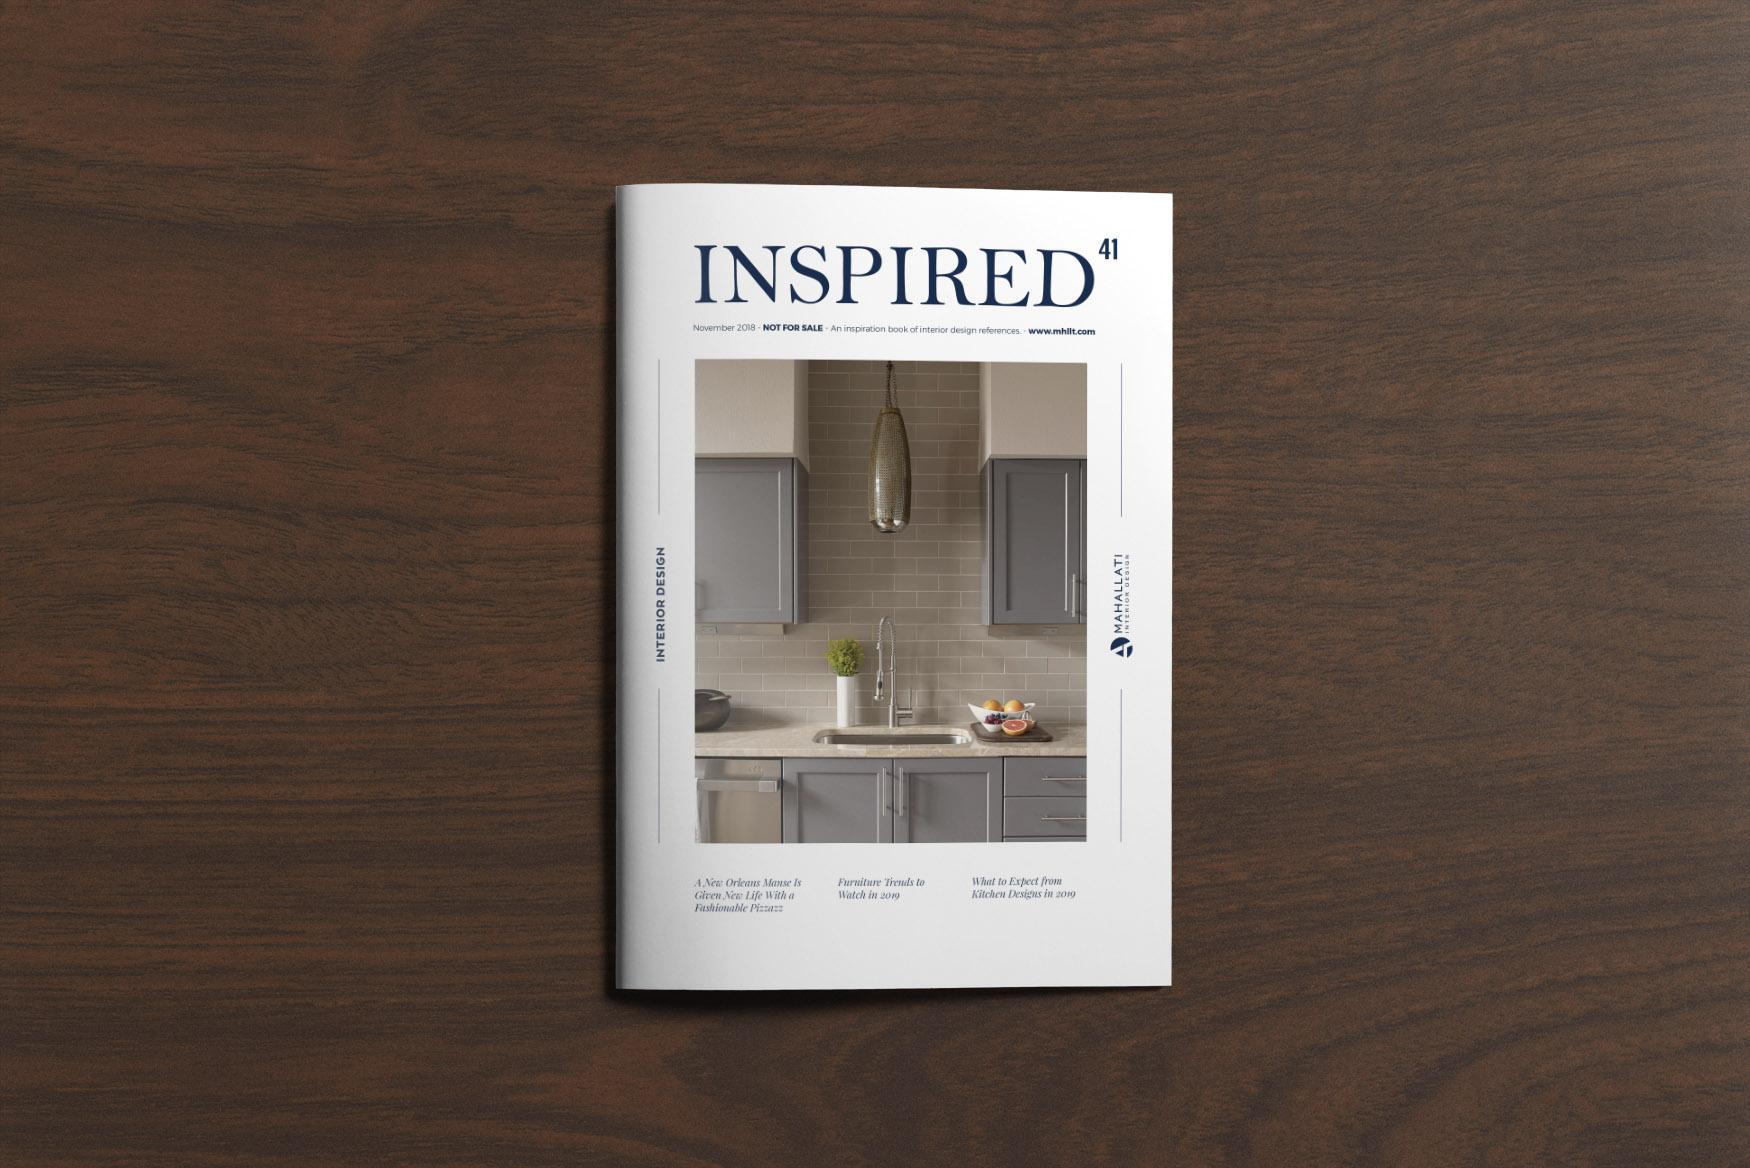 Inspired Vol 41 - November 2018